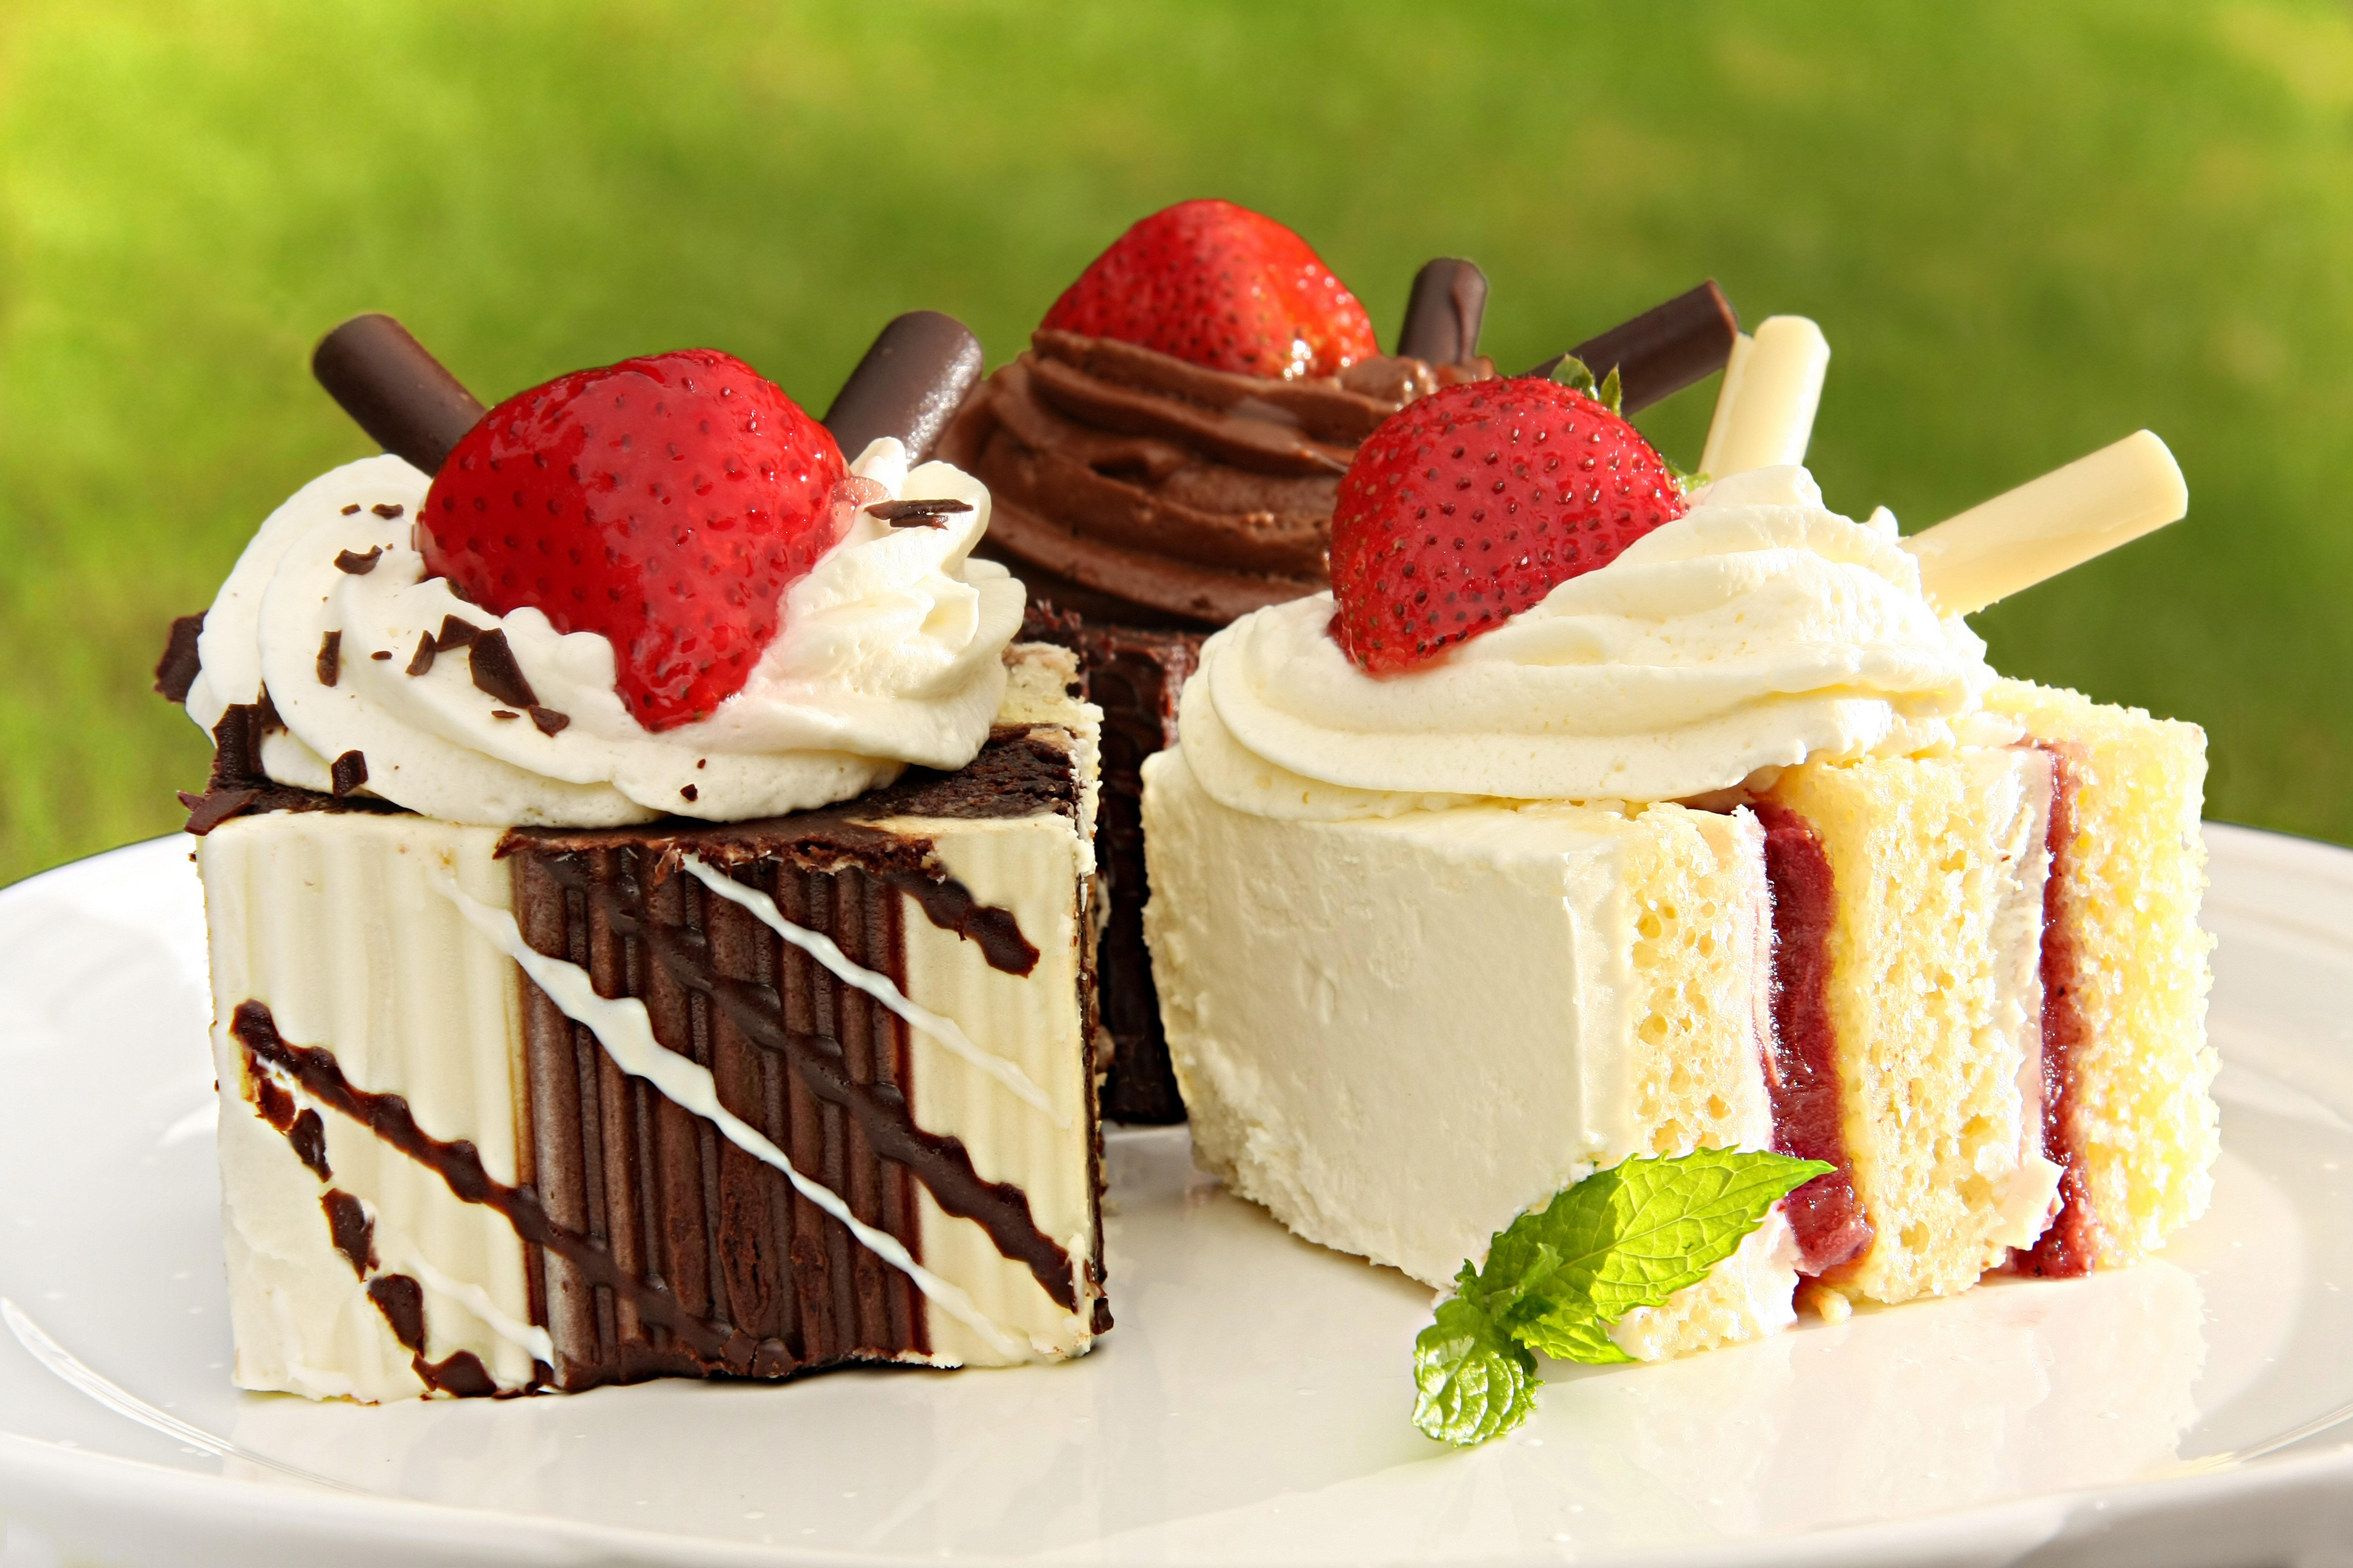 очень красивые пирожные картинки